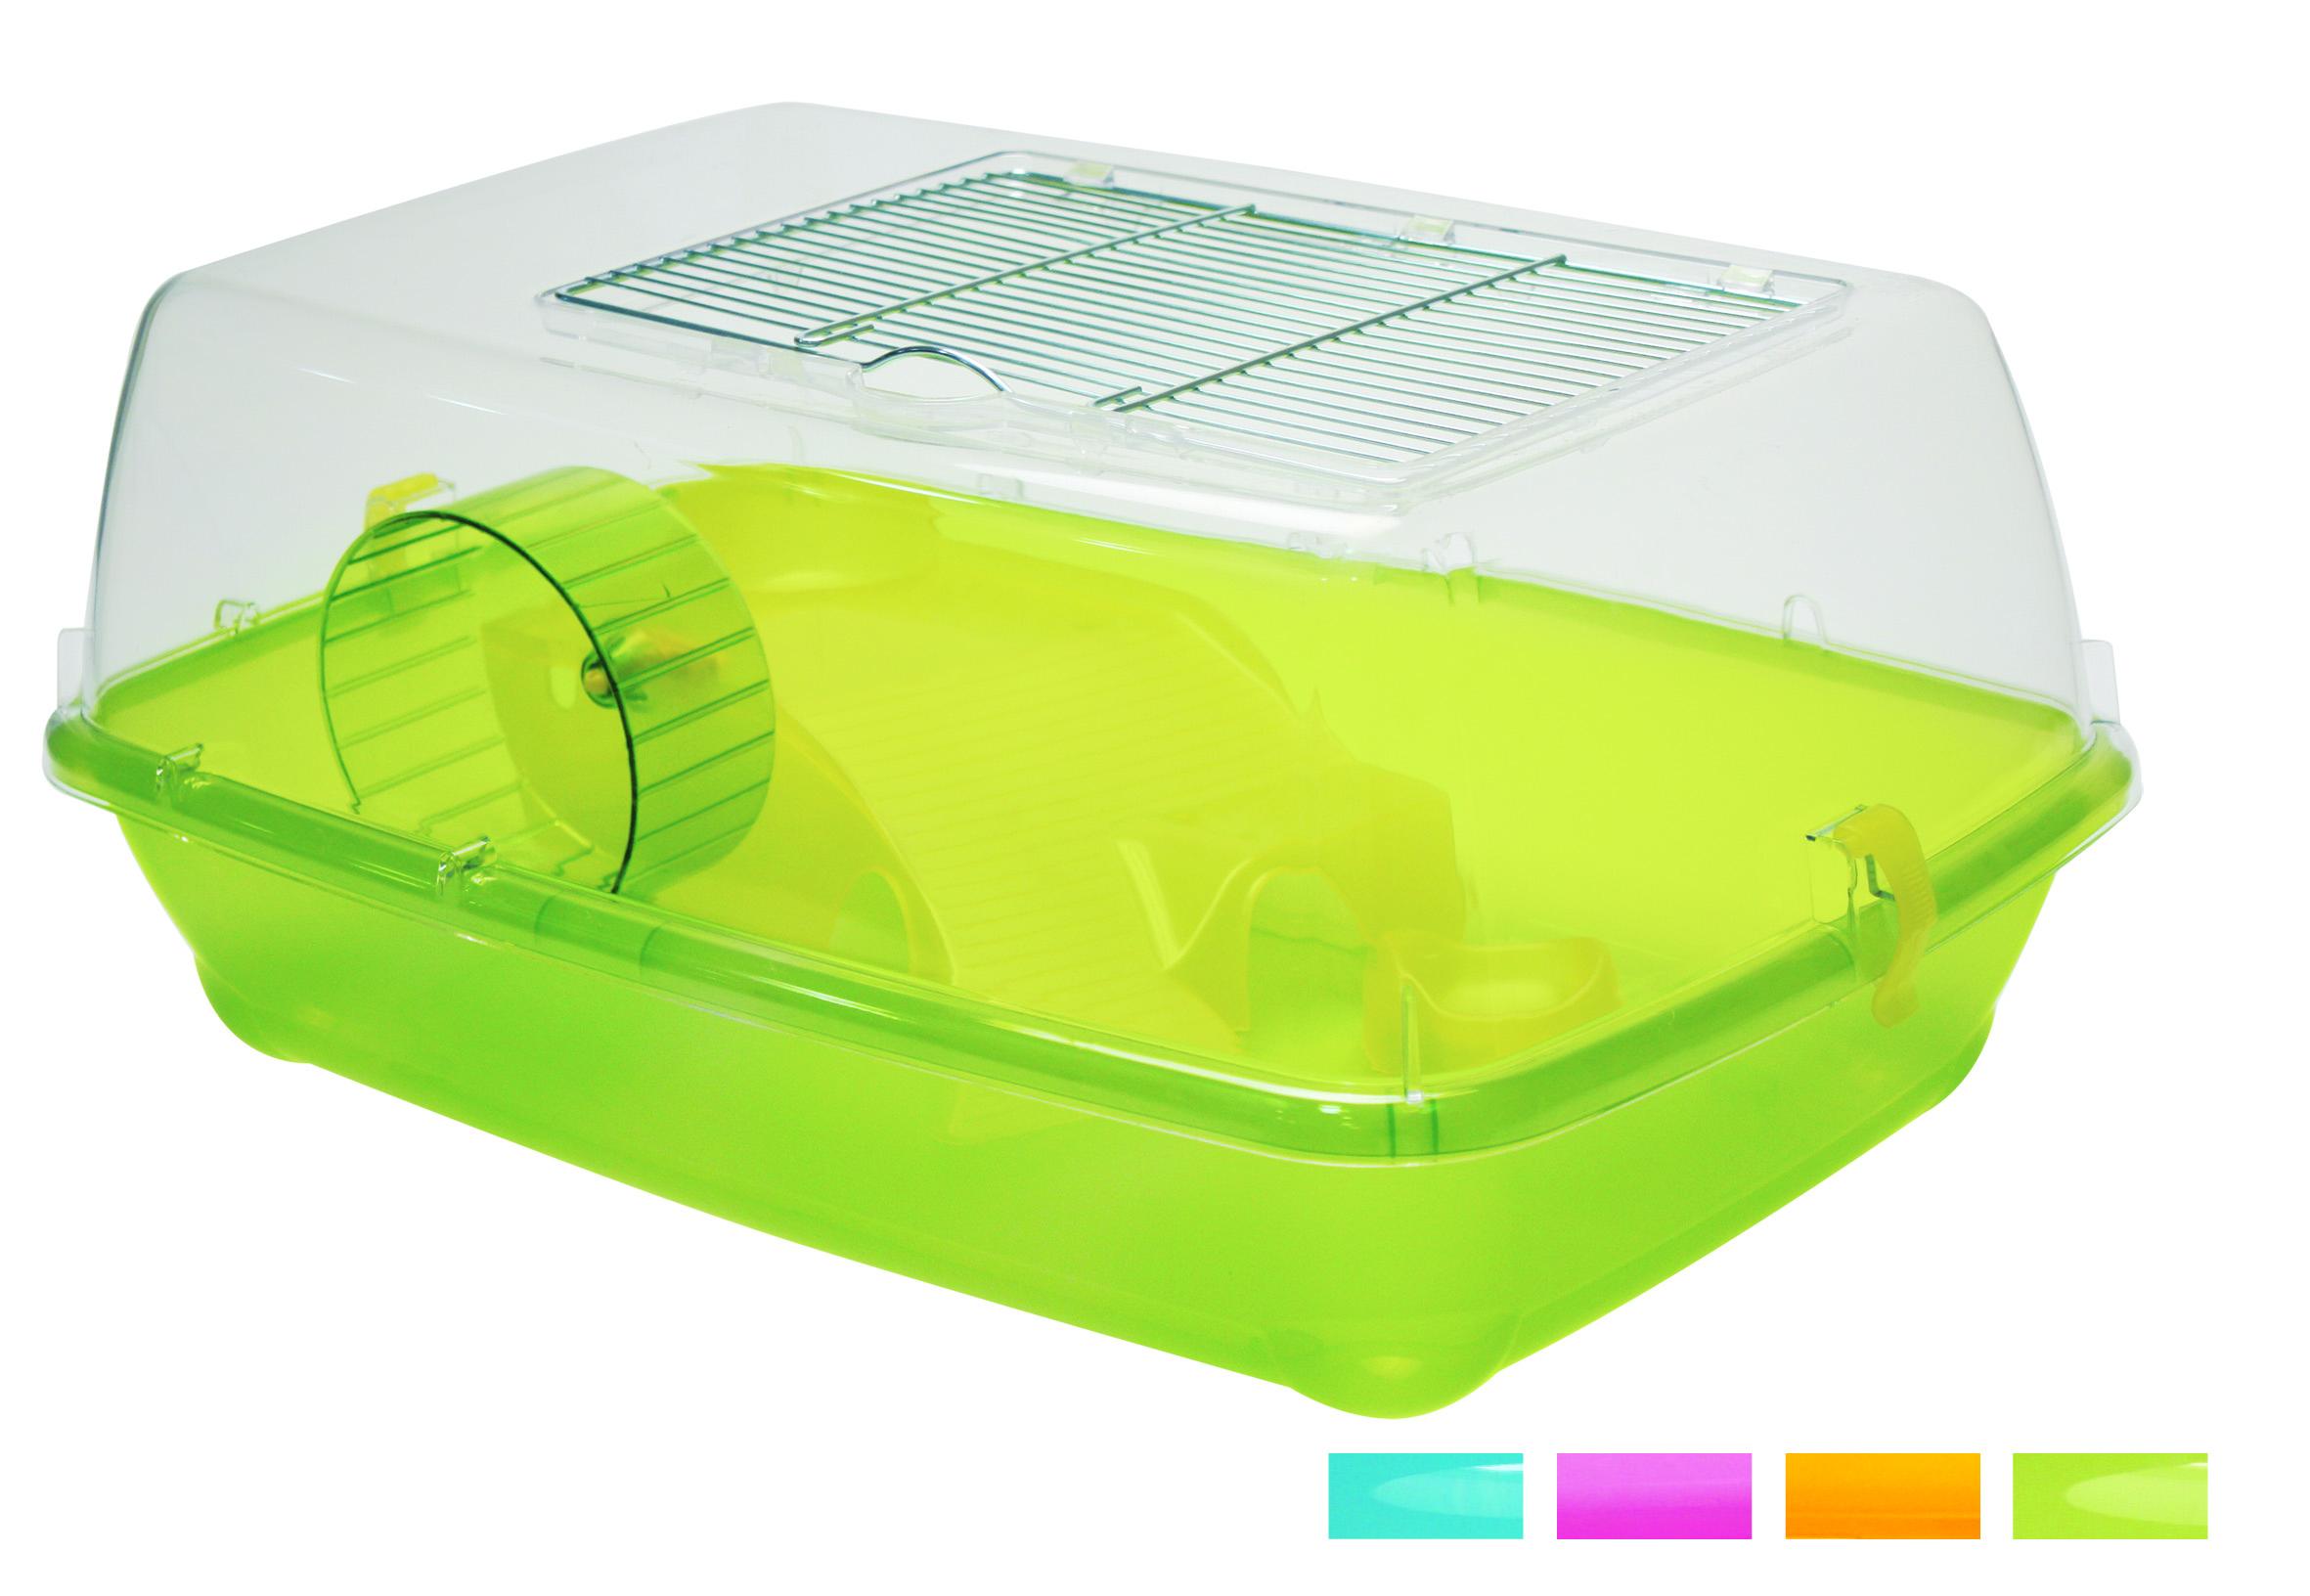 Клетка пластиковая Alvin для грызунов, с аксесс., 57х40х25 см от Ravta